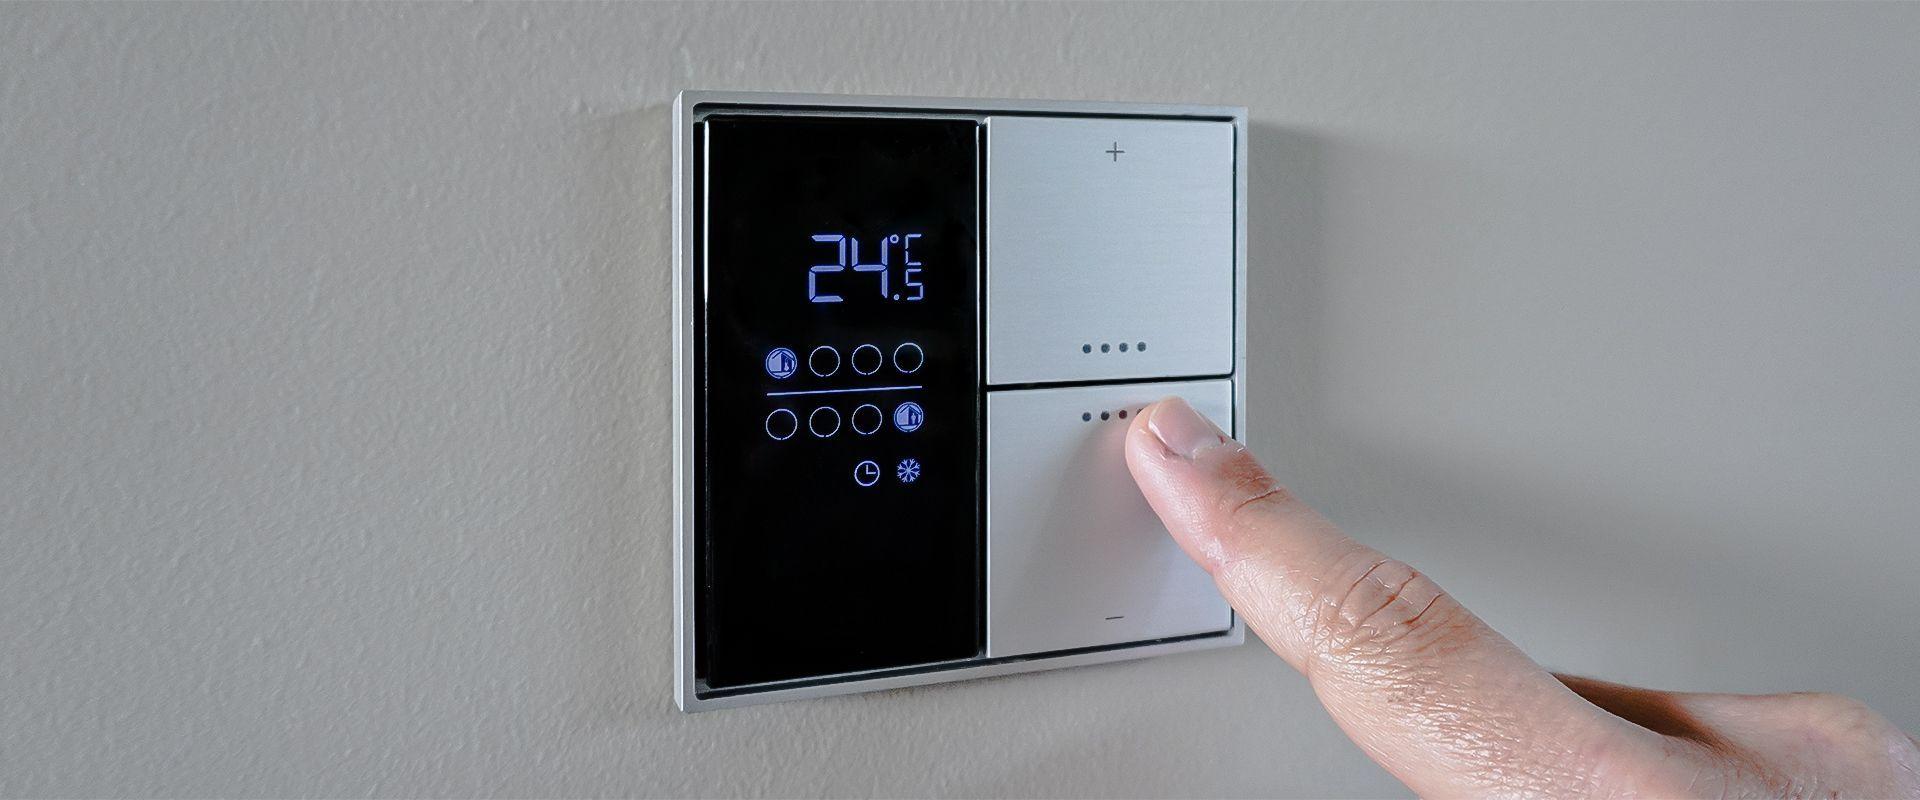 Controllare temperatura e ventilazione con KNX per risparmiare energia e aumentare il comfort